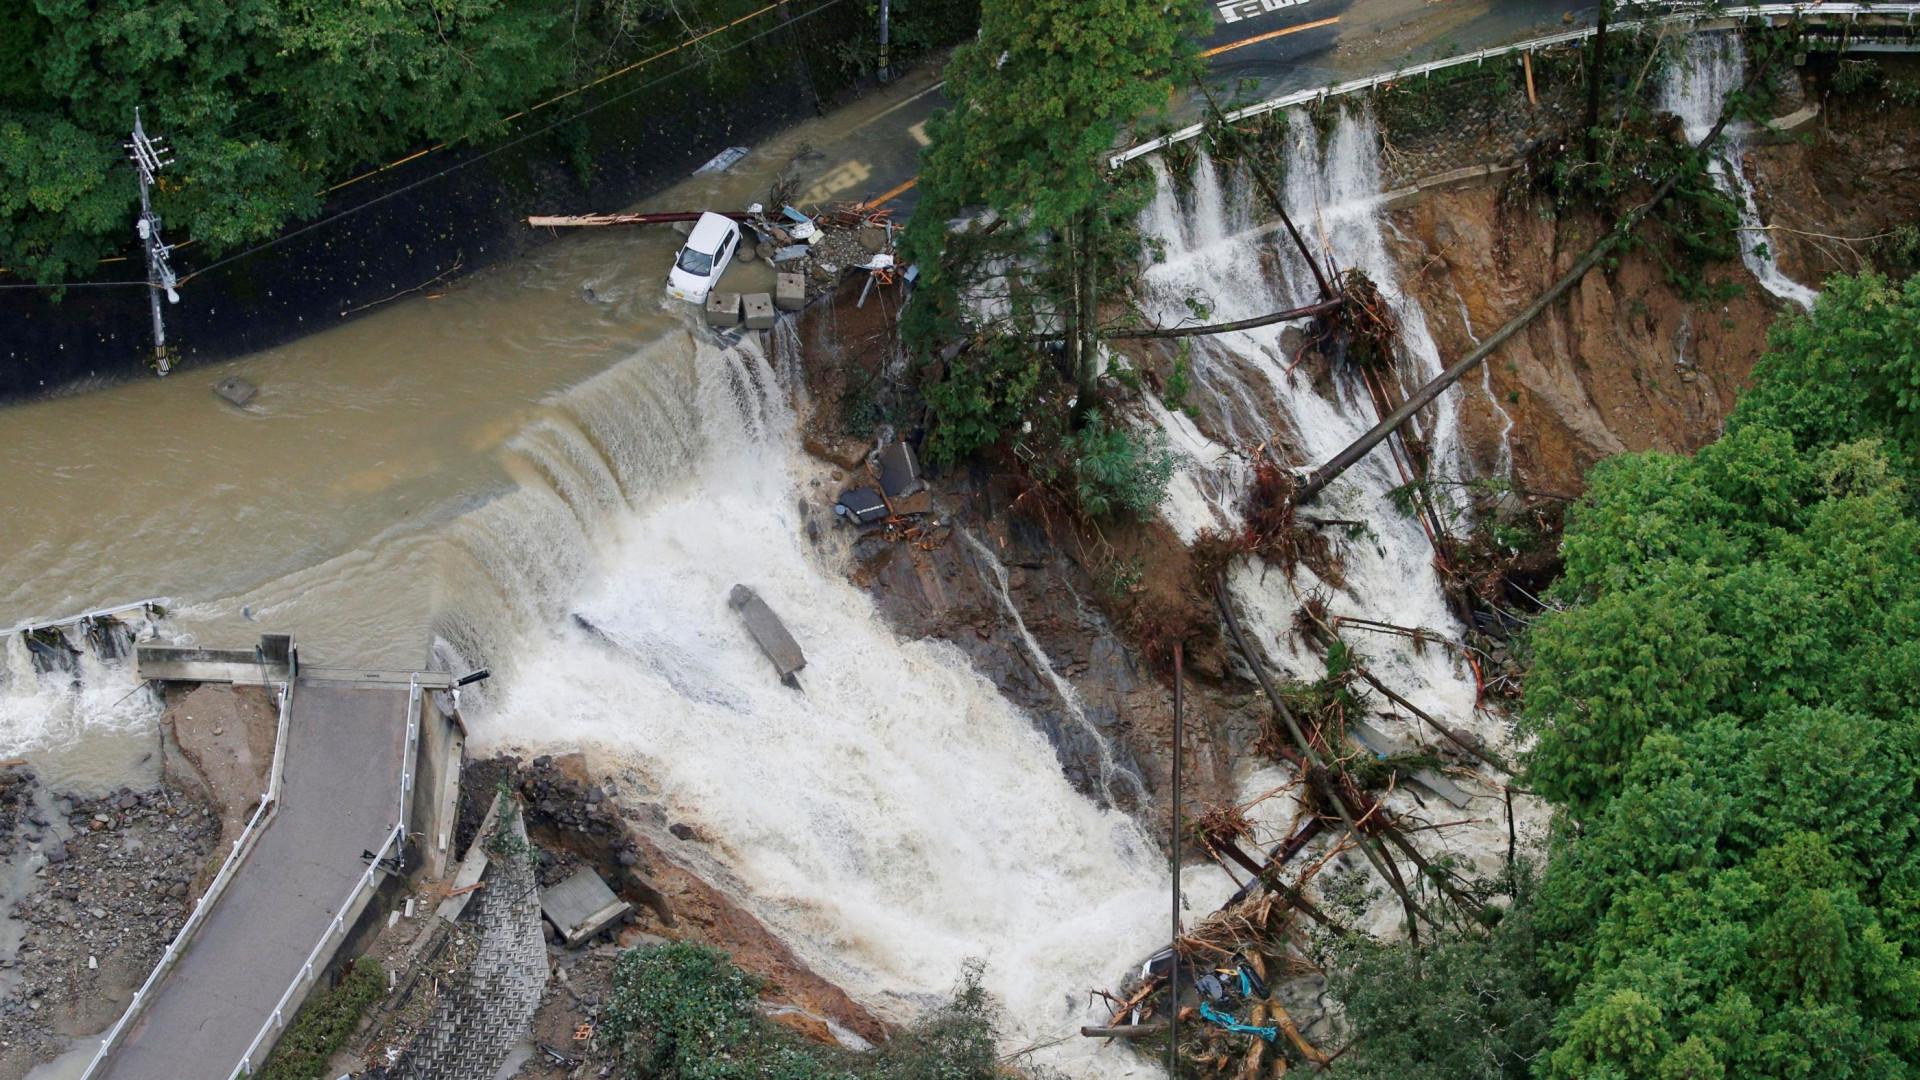 Número de mortos em deslizamento de terra nas Filipinas sobe para 22